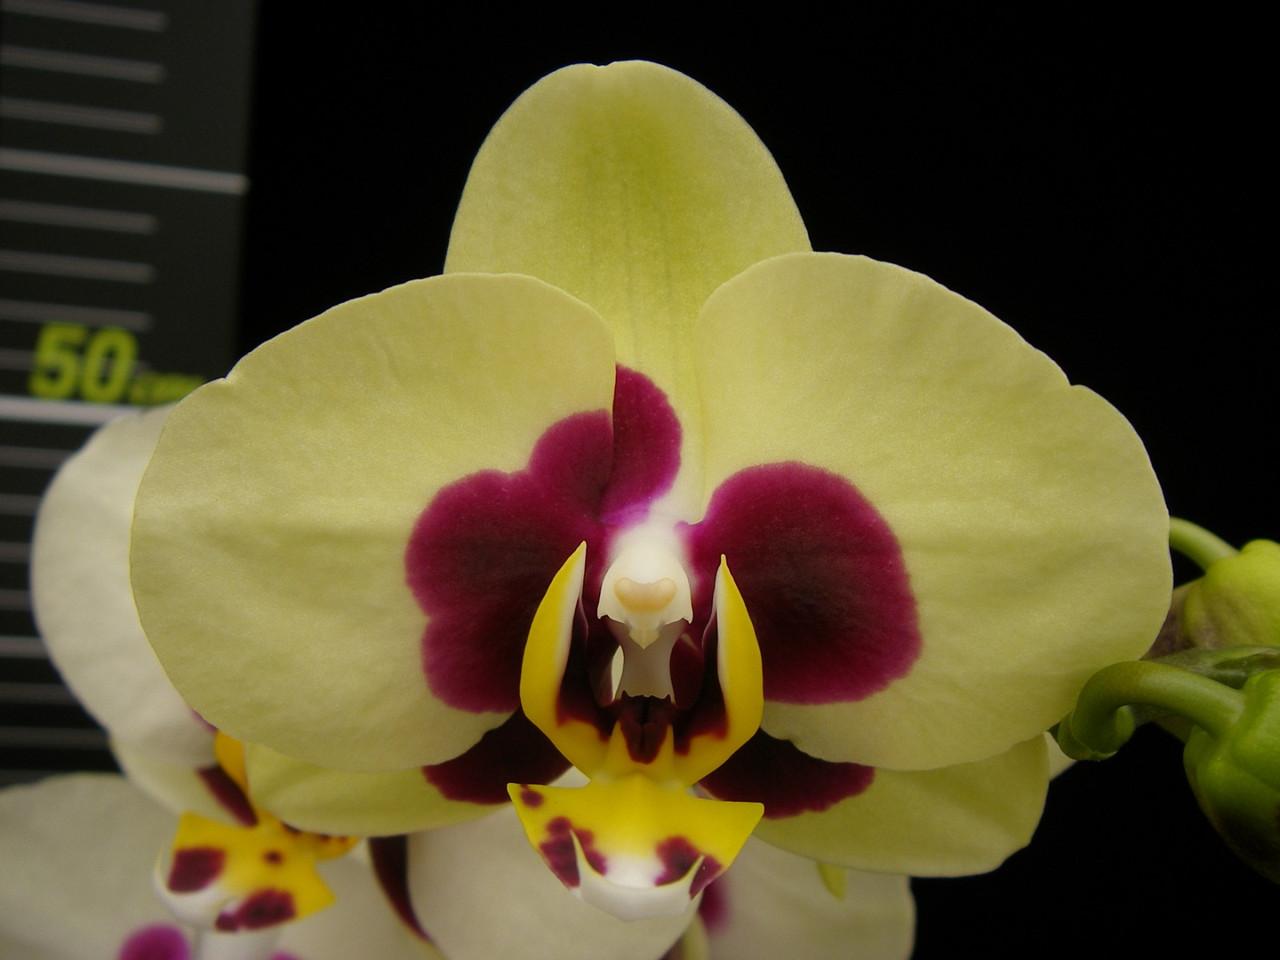 Подростки орхидеи. Сорт Chuen Yuan Panda, горшок 1.7 без цветов